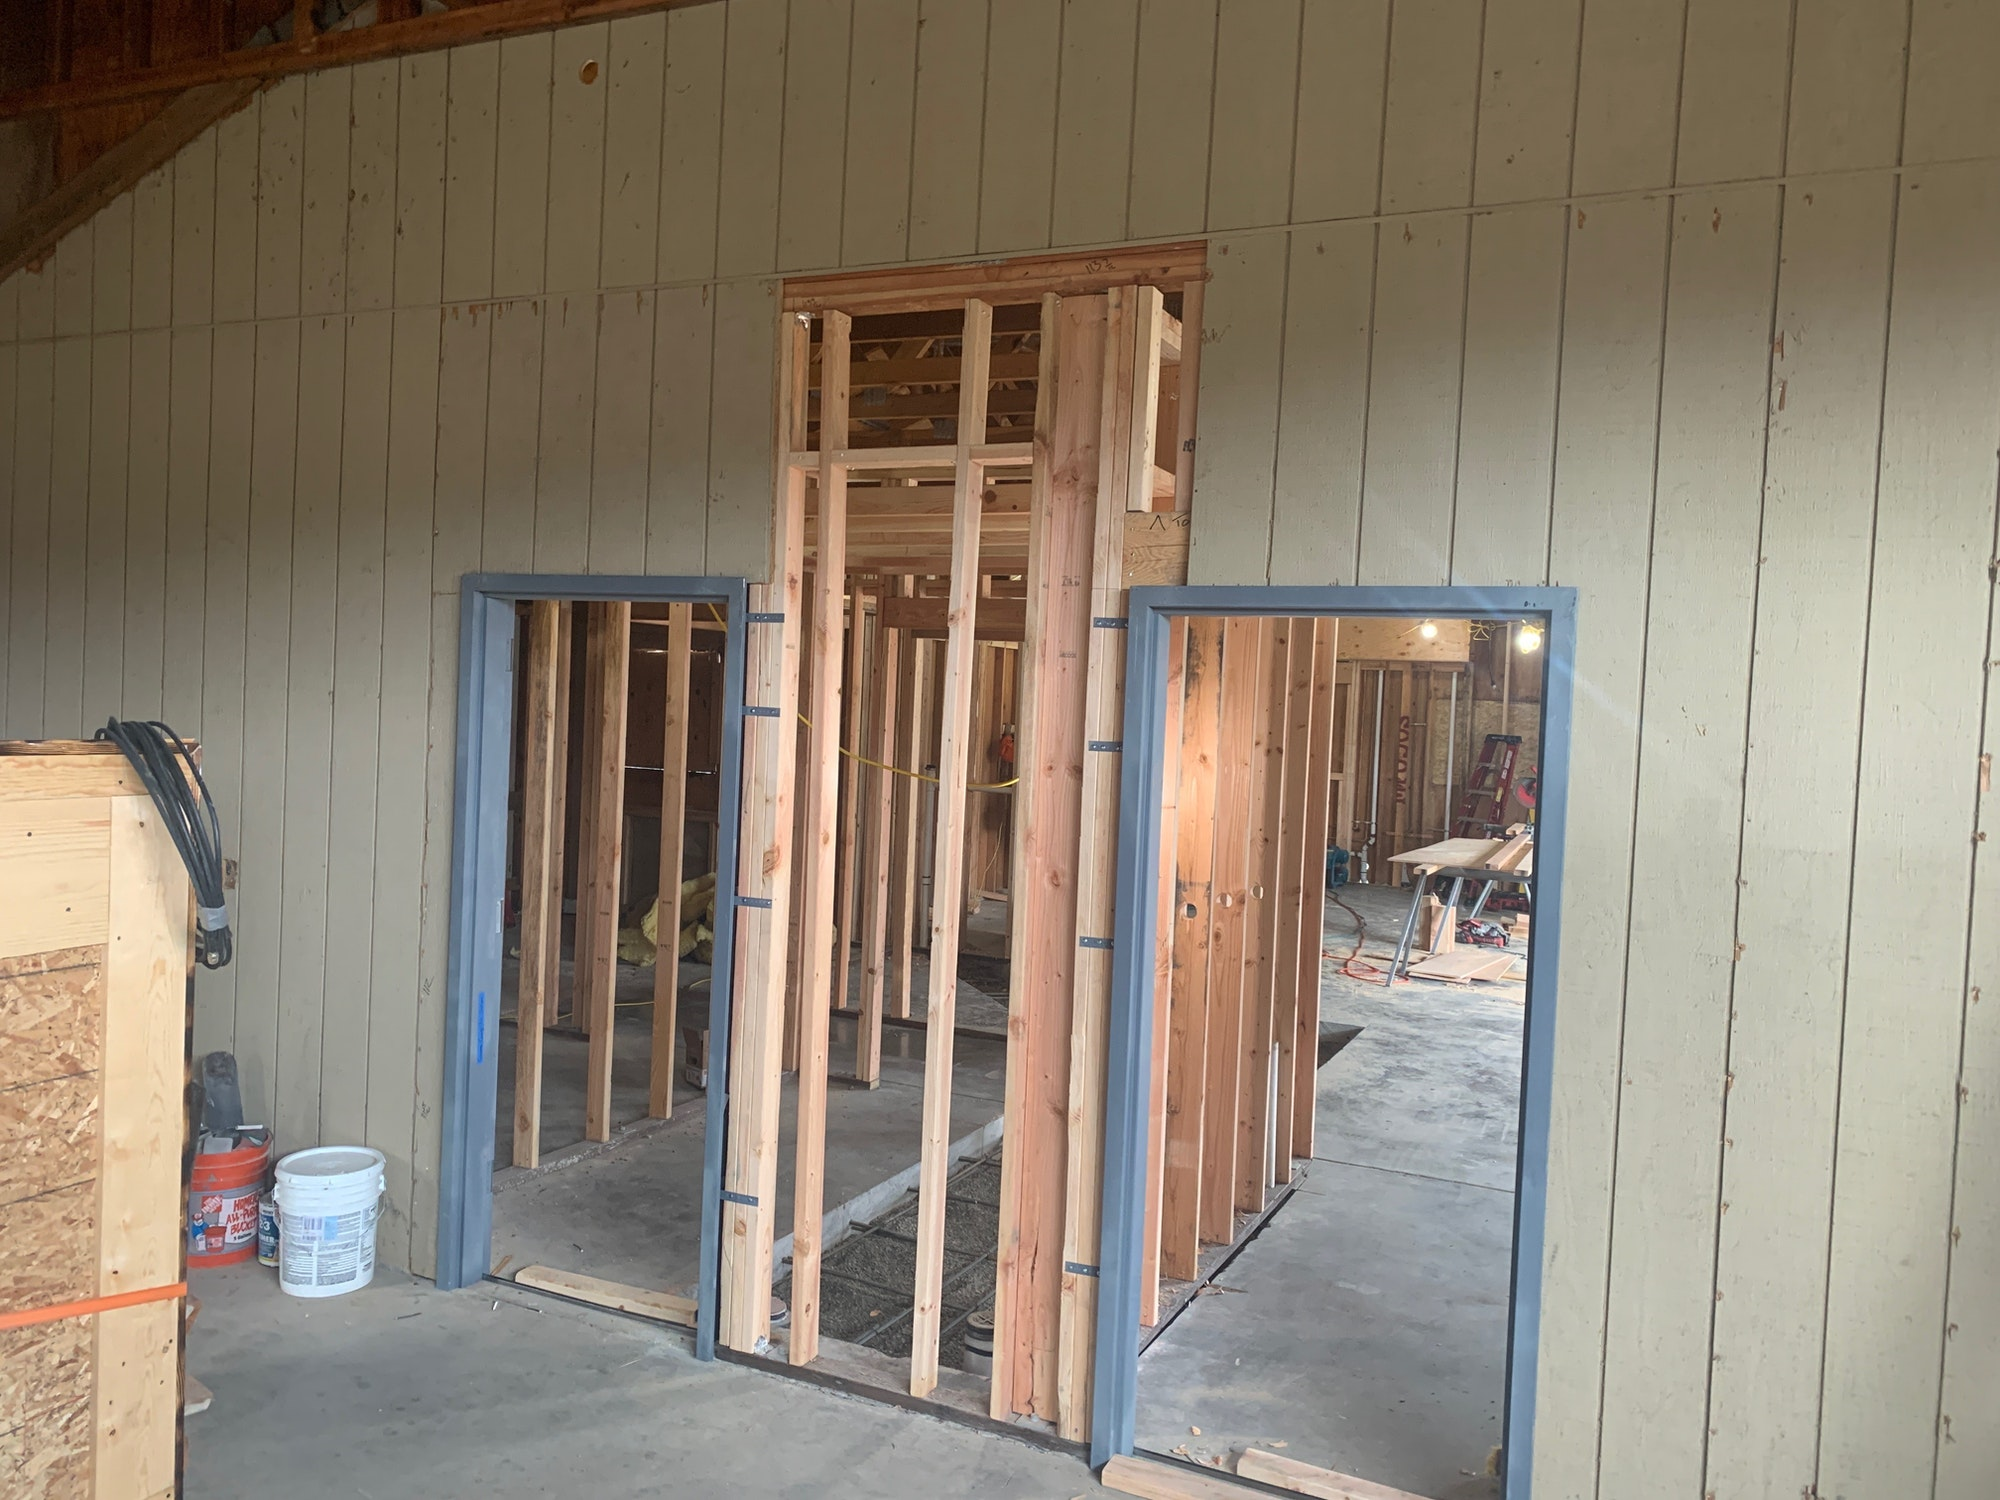 May contain: door, folding door, and wood